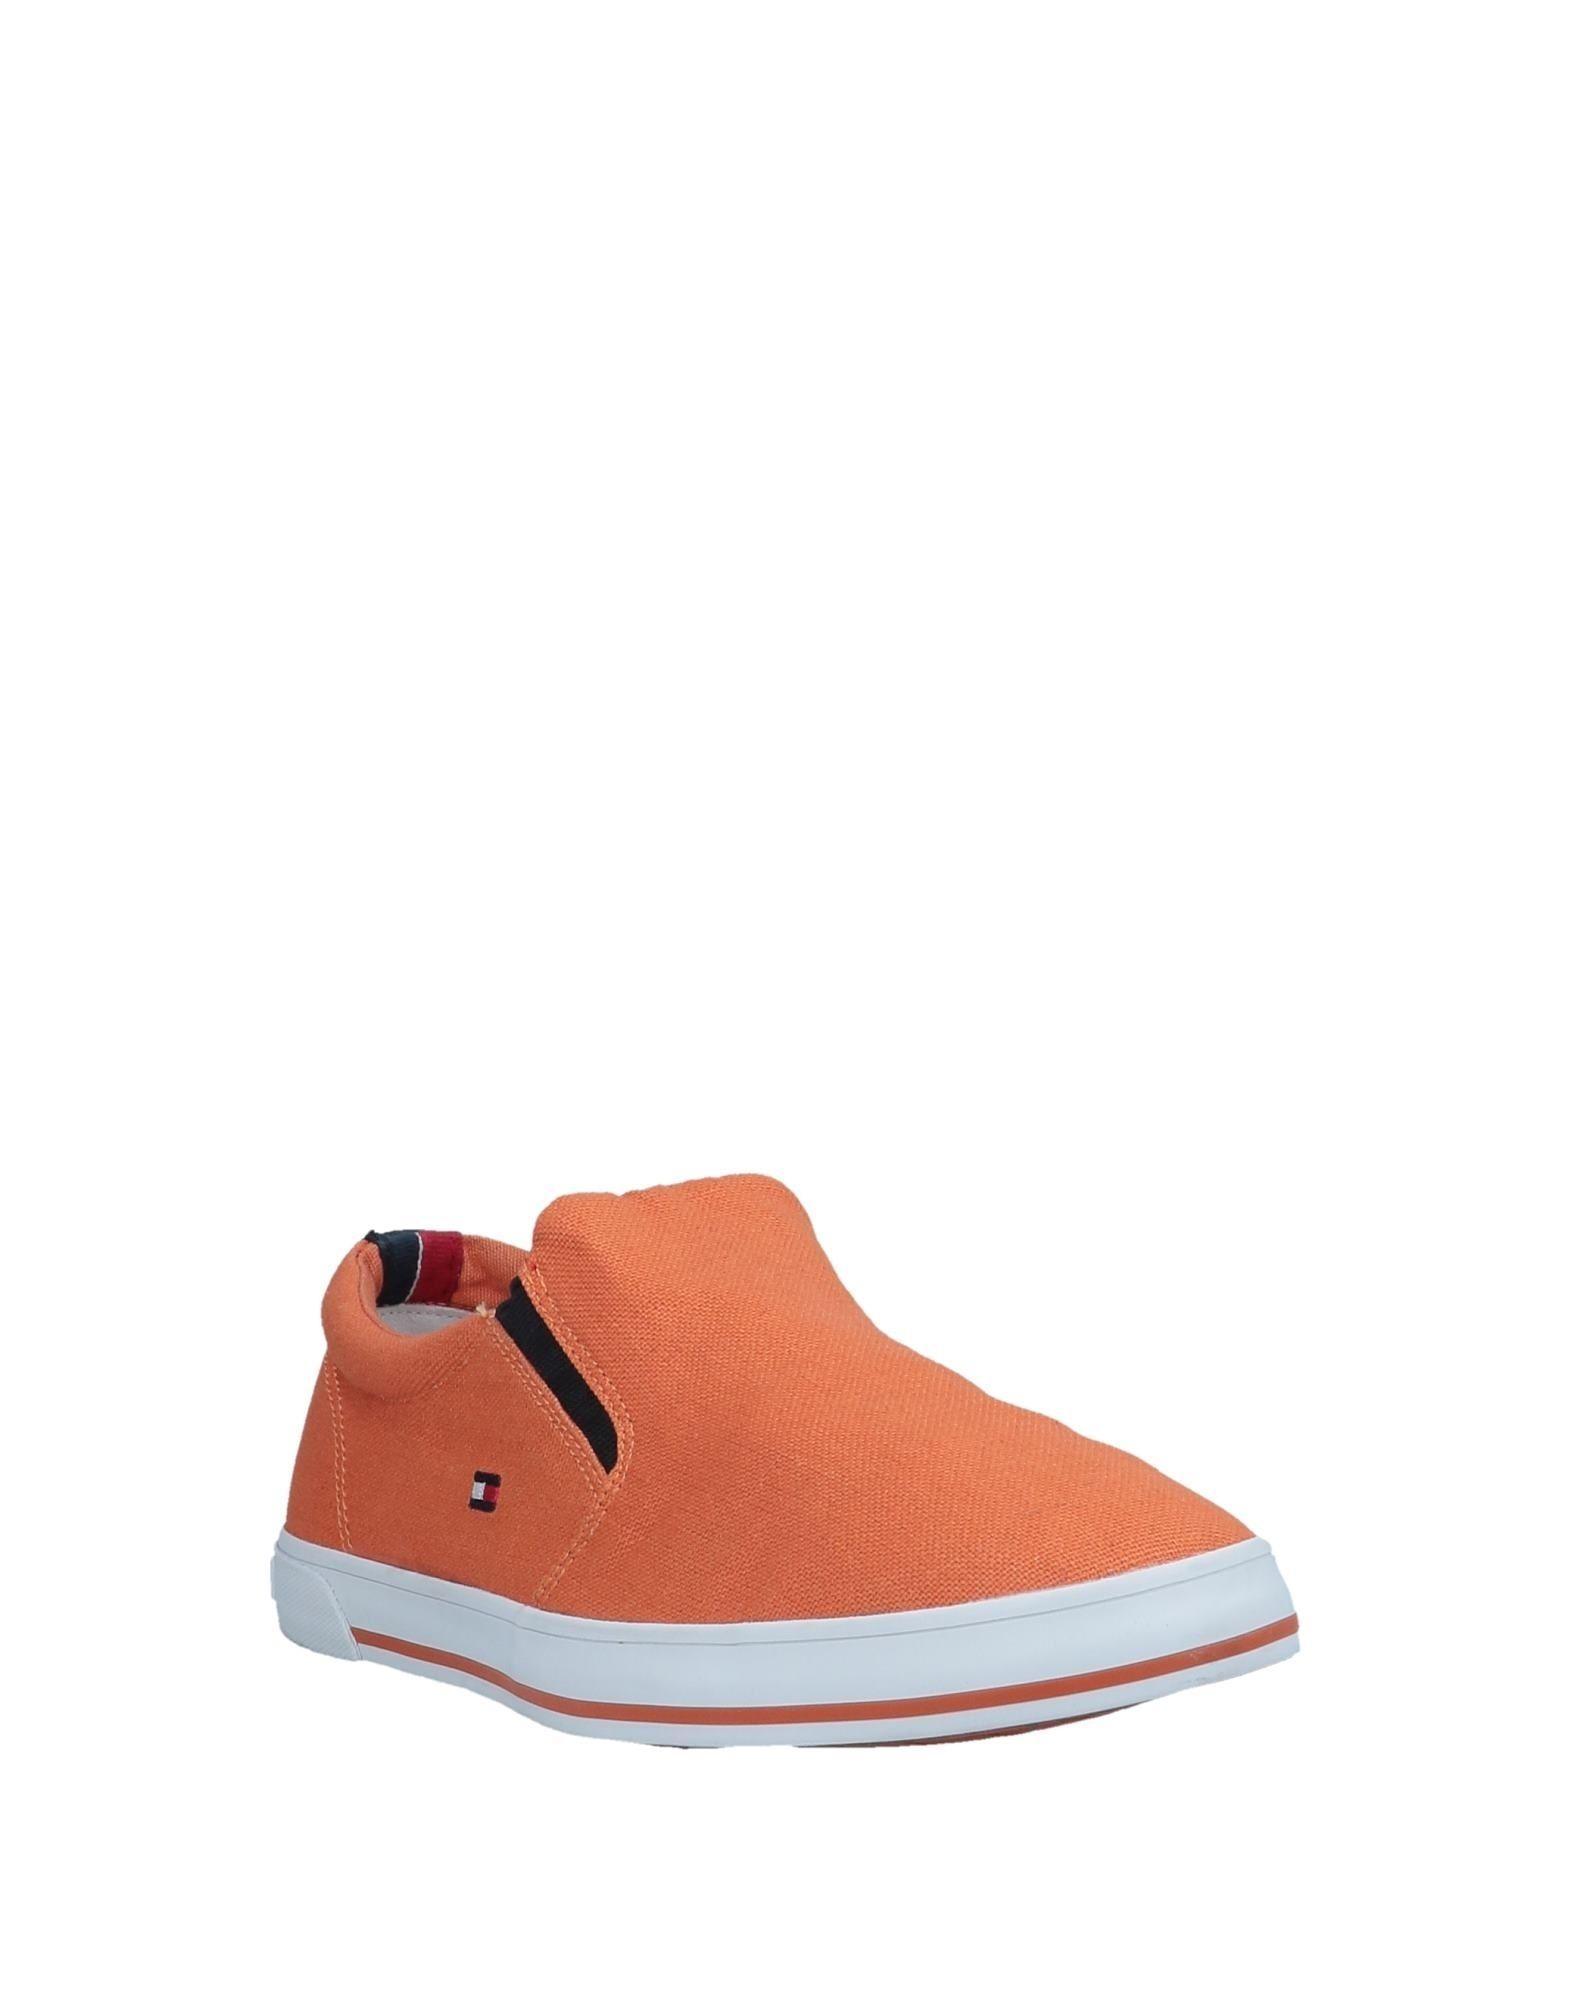 Rabatt echte Herren Schuhe Tommy Hilfiger Sneakers Herren echte  11554130WJ 10498d